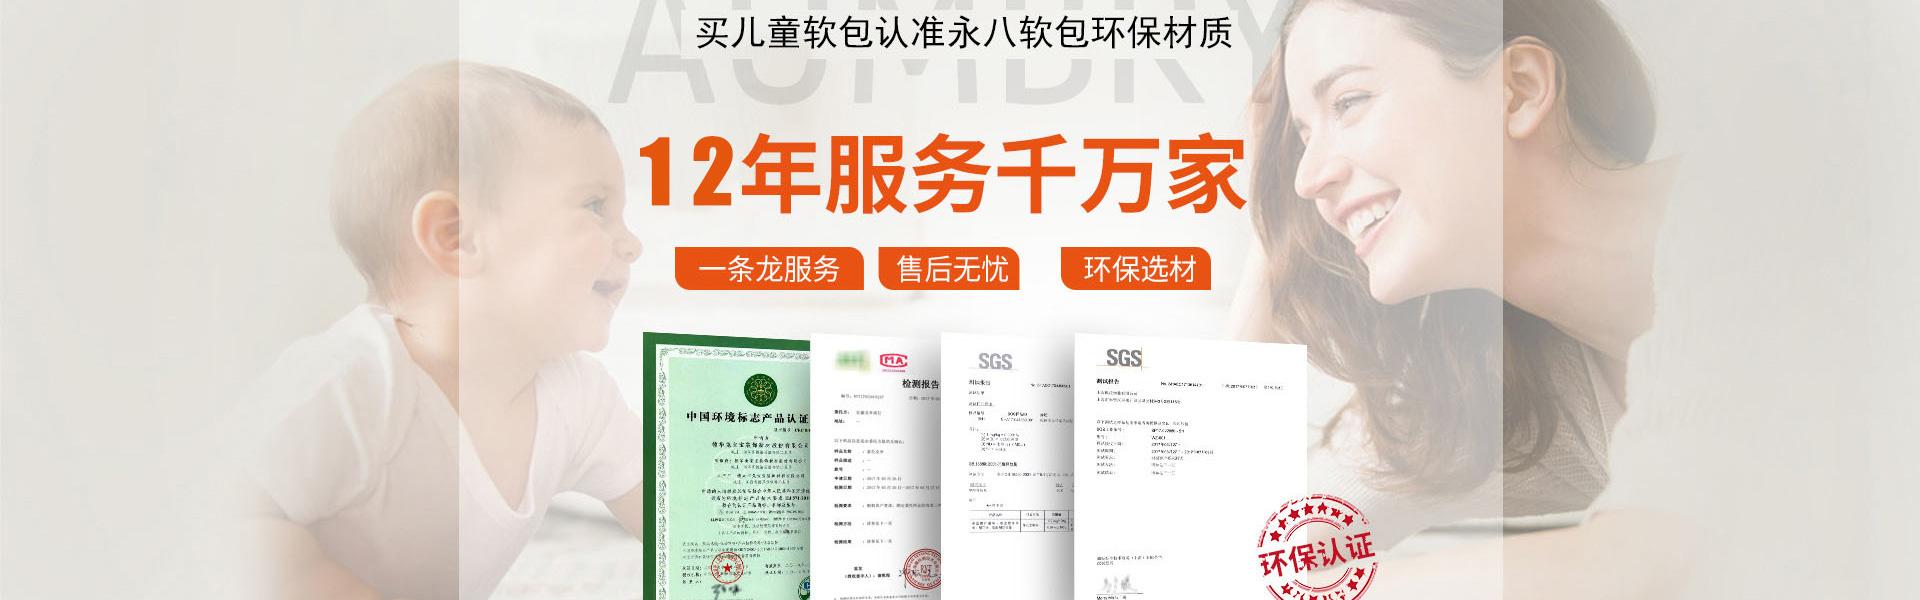 上海永八建筑装饰材料有限公司